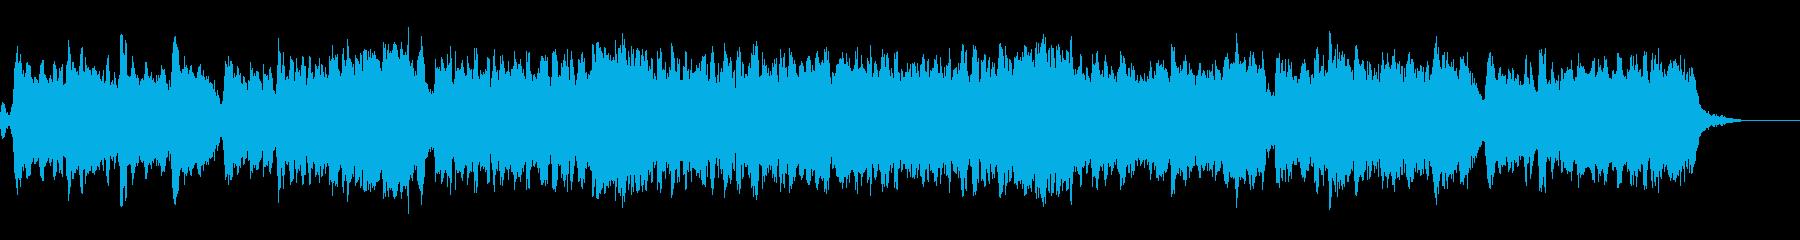 ハリウッド「短くて壮大」オーケストラcの再生済みの波形